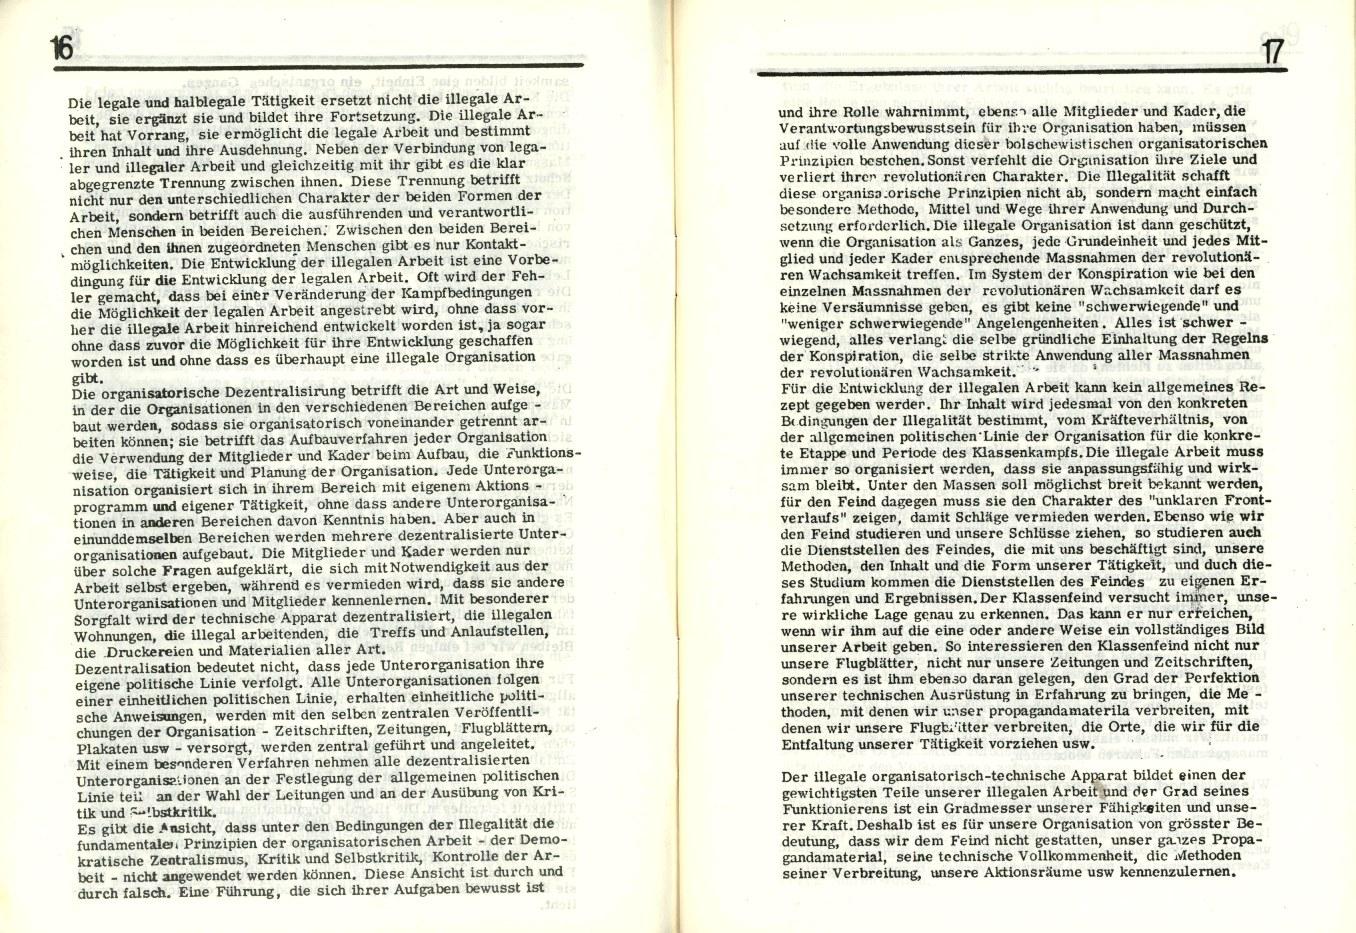 Griechenland_Griechische_ML_1971_Dokumente_01_09